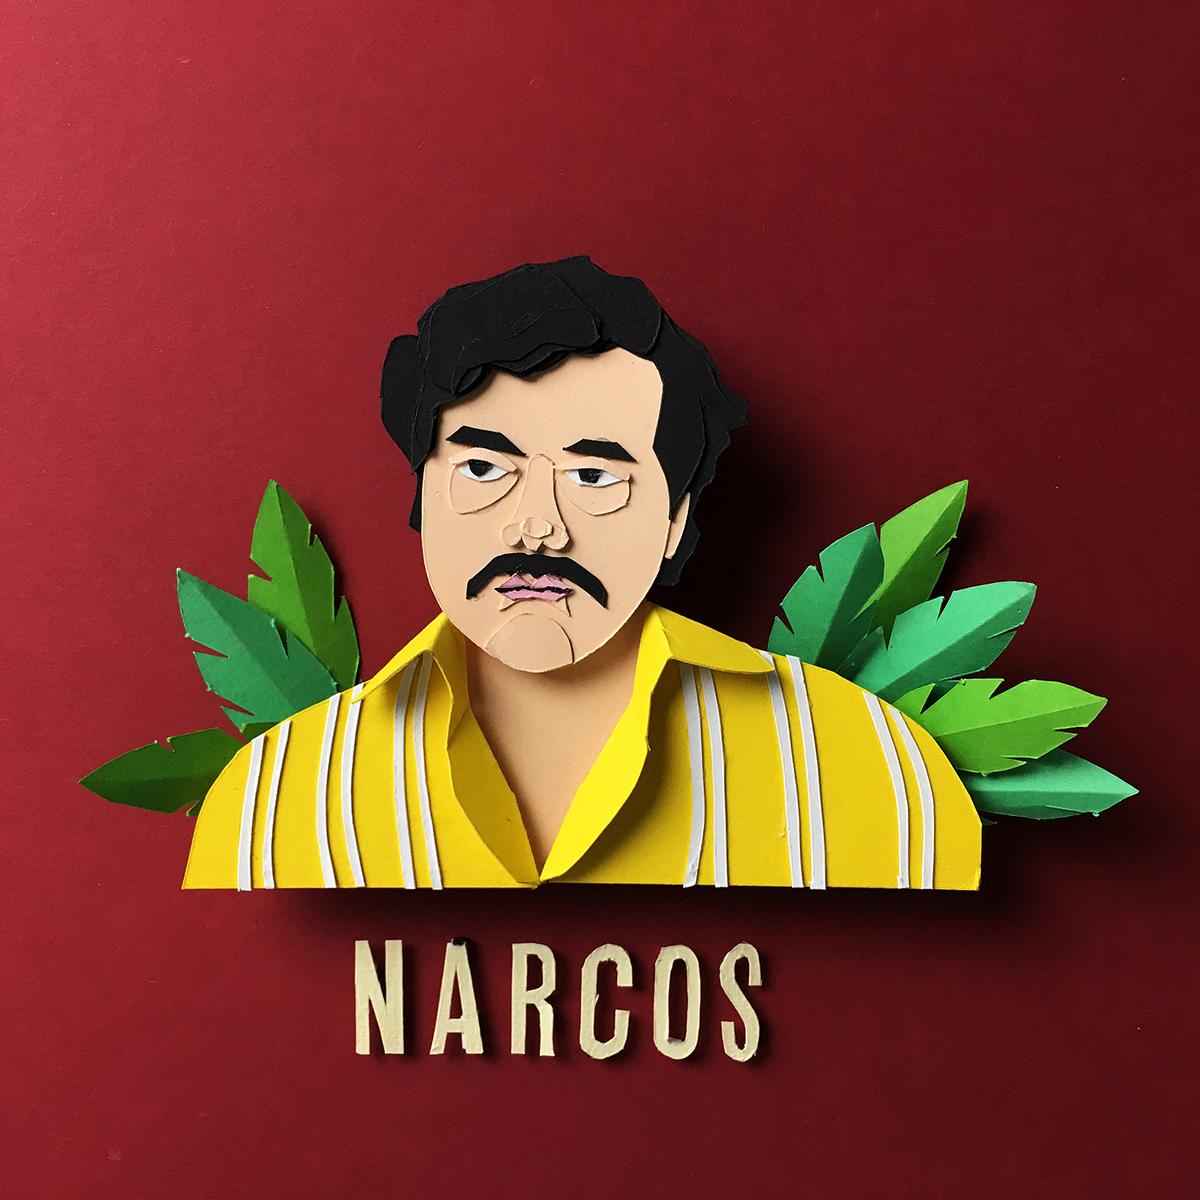 papercut narcos Pablo Escobar Netflix Character